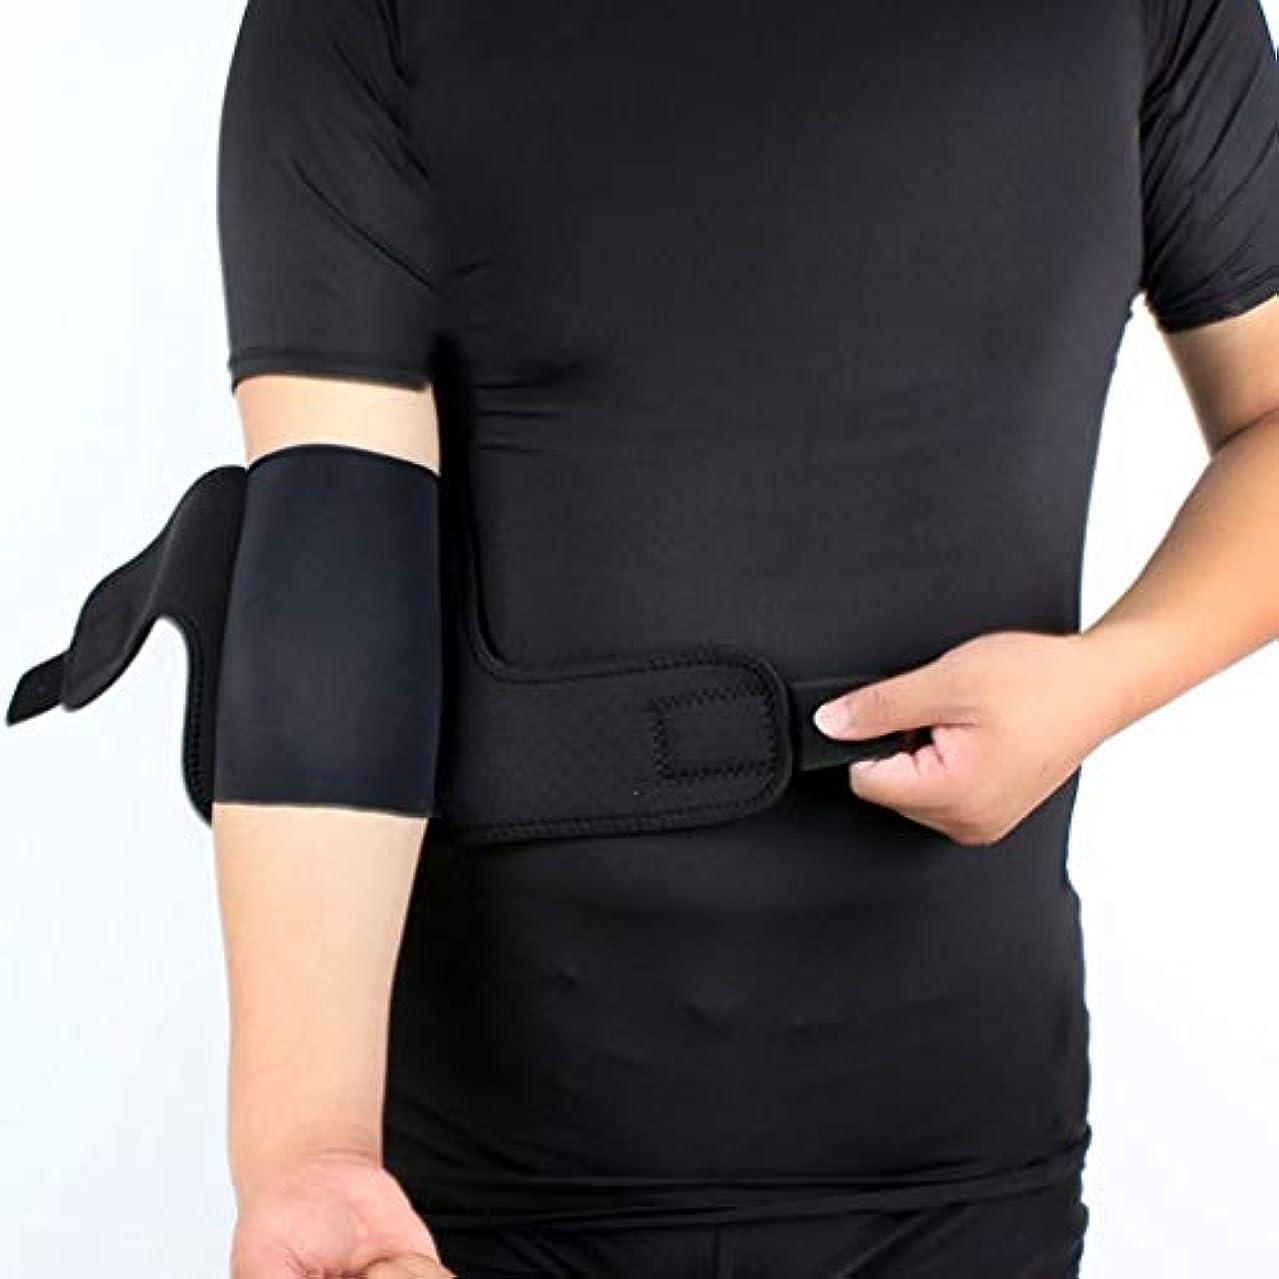 楕円形マインド衣類スポーツ肘プロテクターバスケットボールアームガード通気性保護肘パッド-innovationo